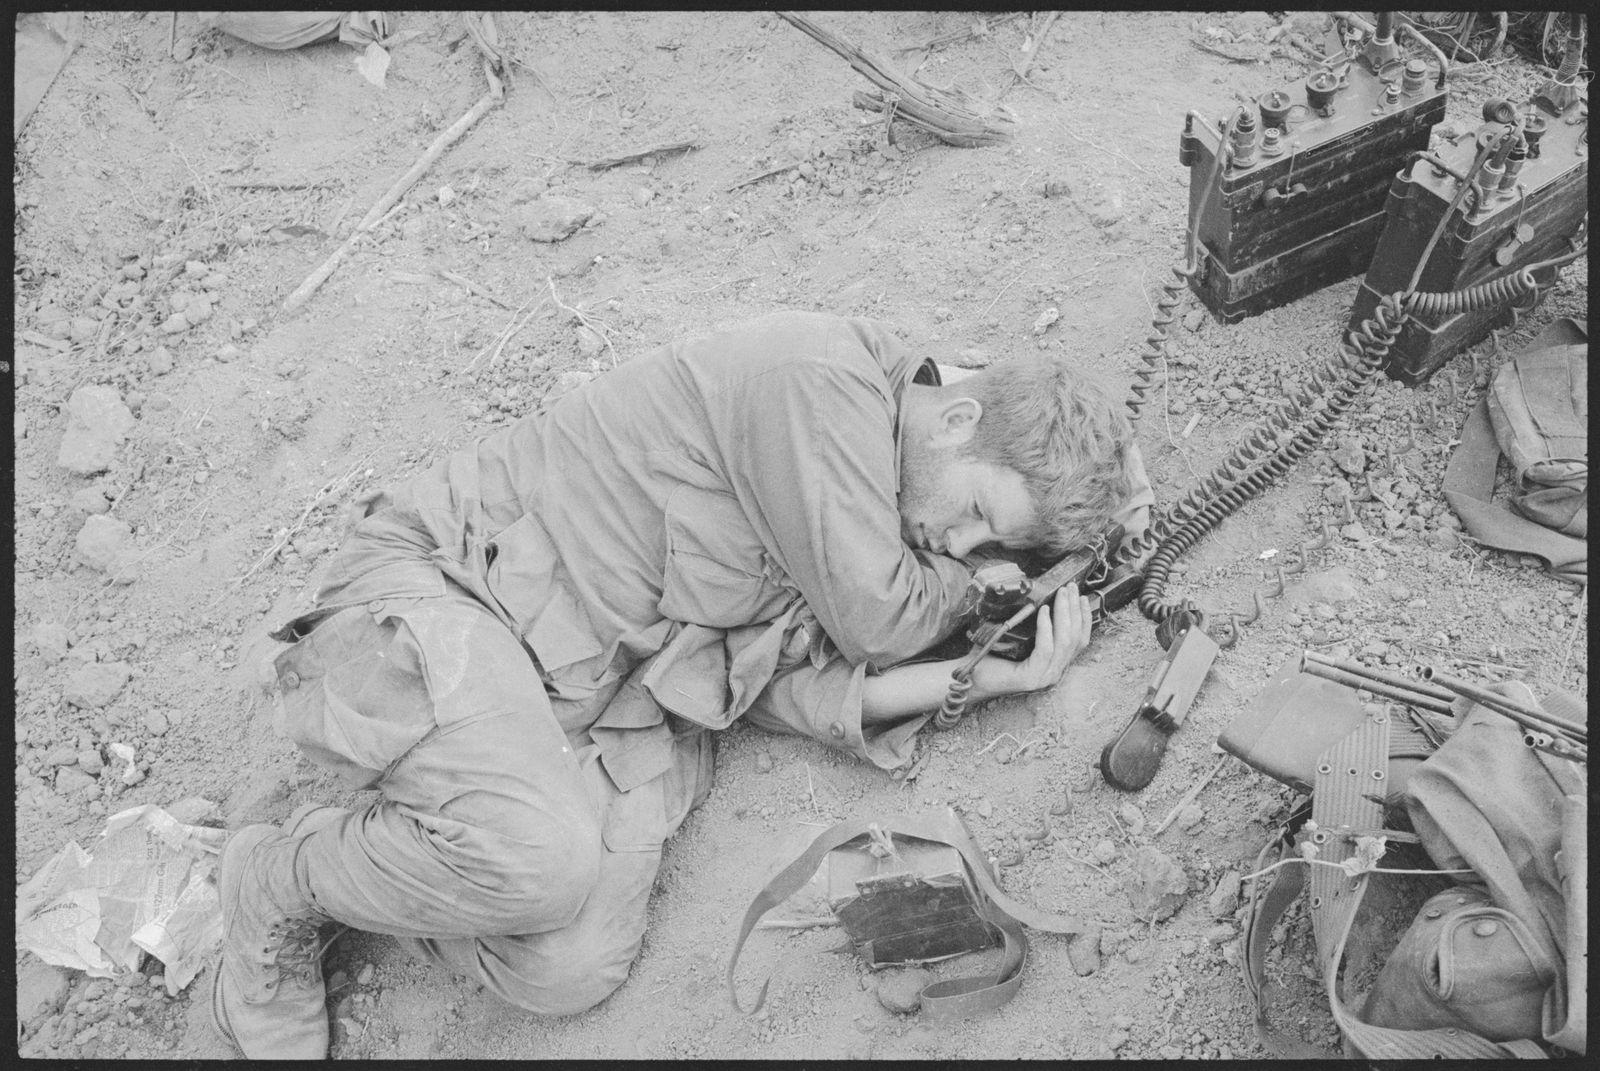 Kriegszitterer - Sgt. John G. Sheehan Resting After Battle of Hill 875